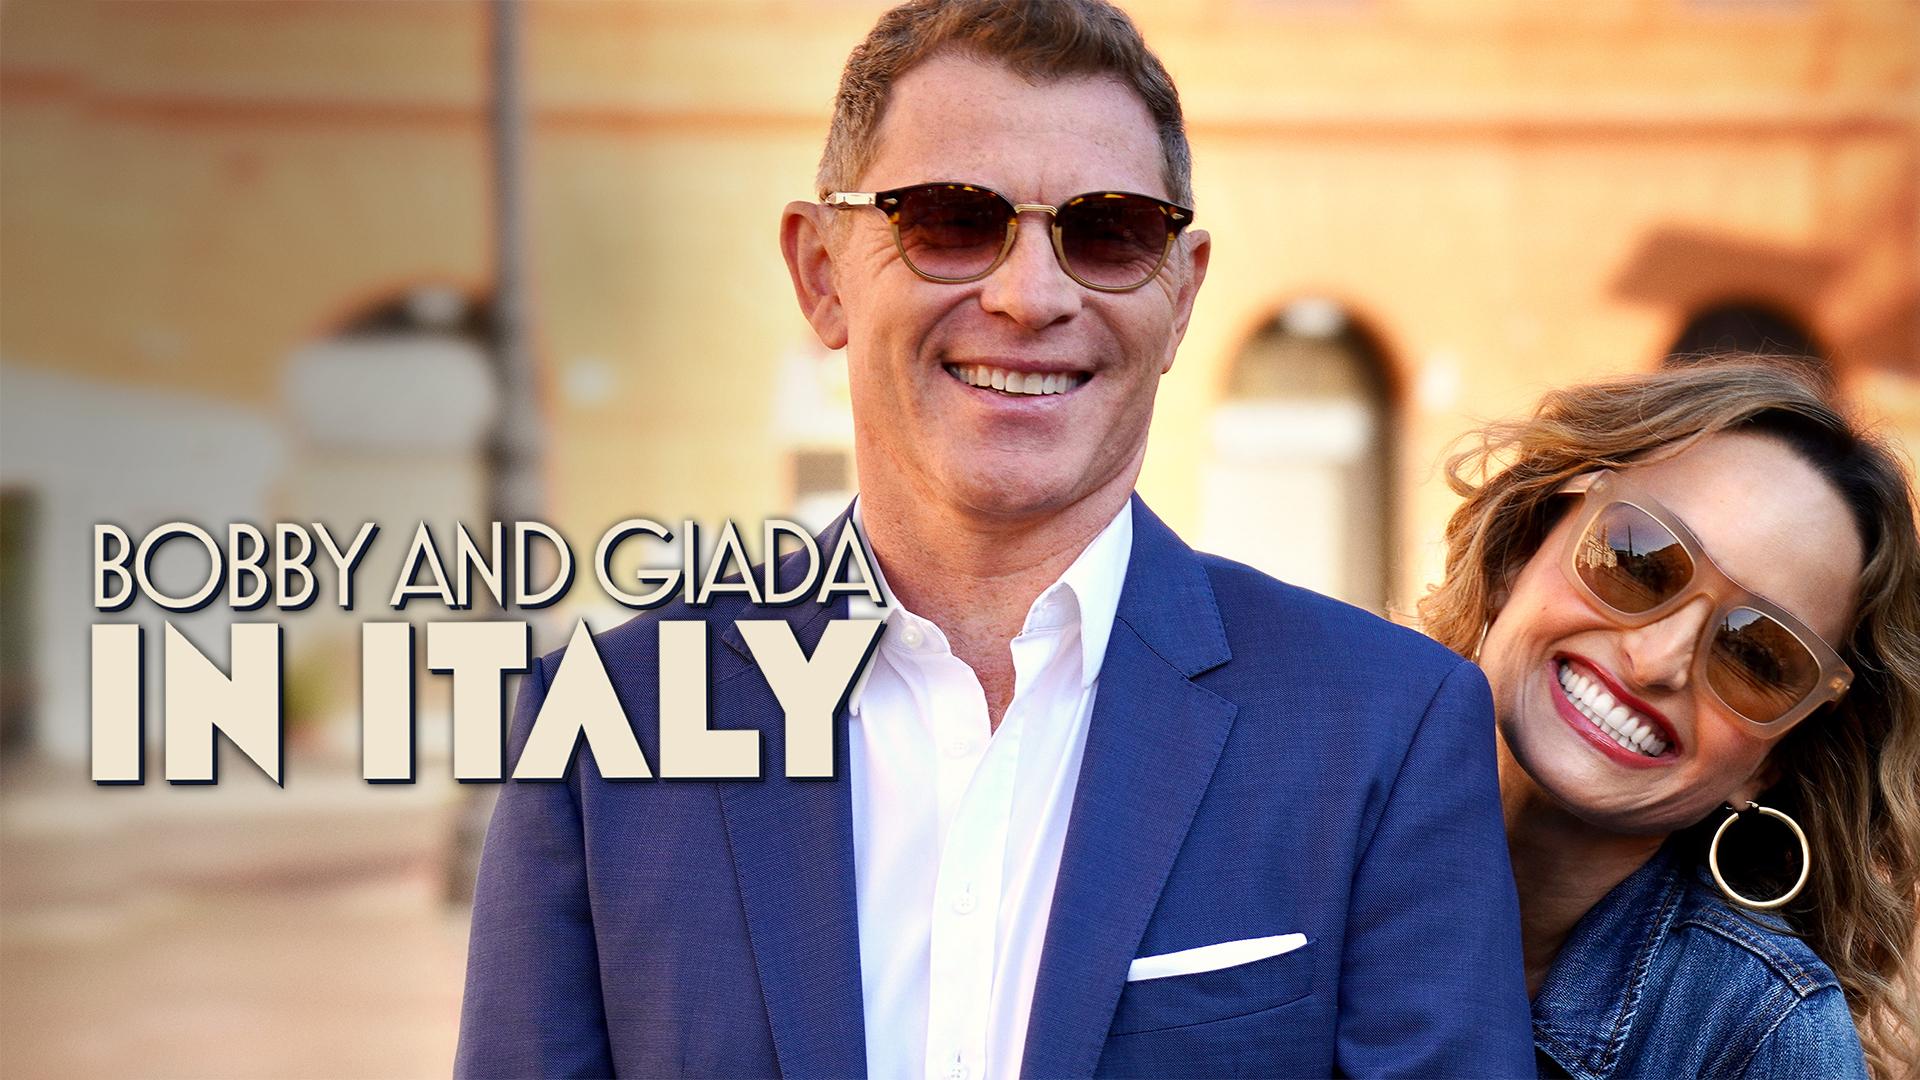 Bobby and Giada in Italy - Season 1